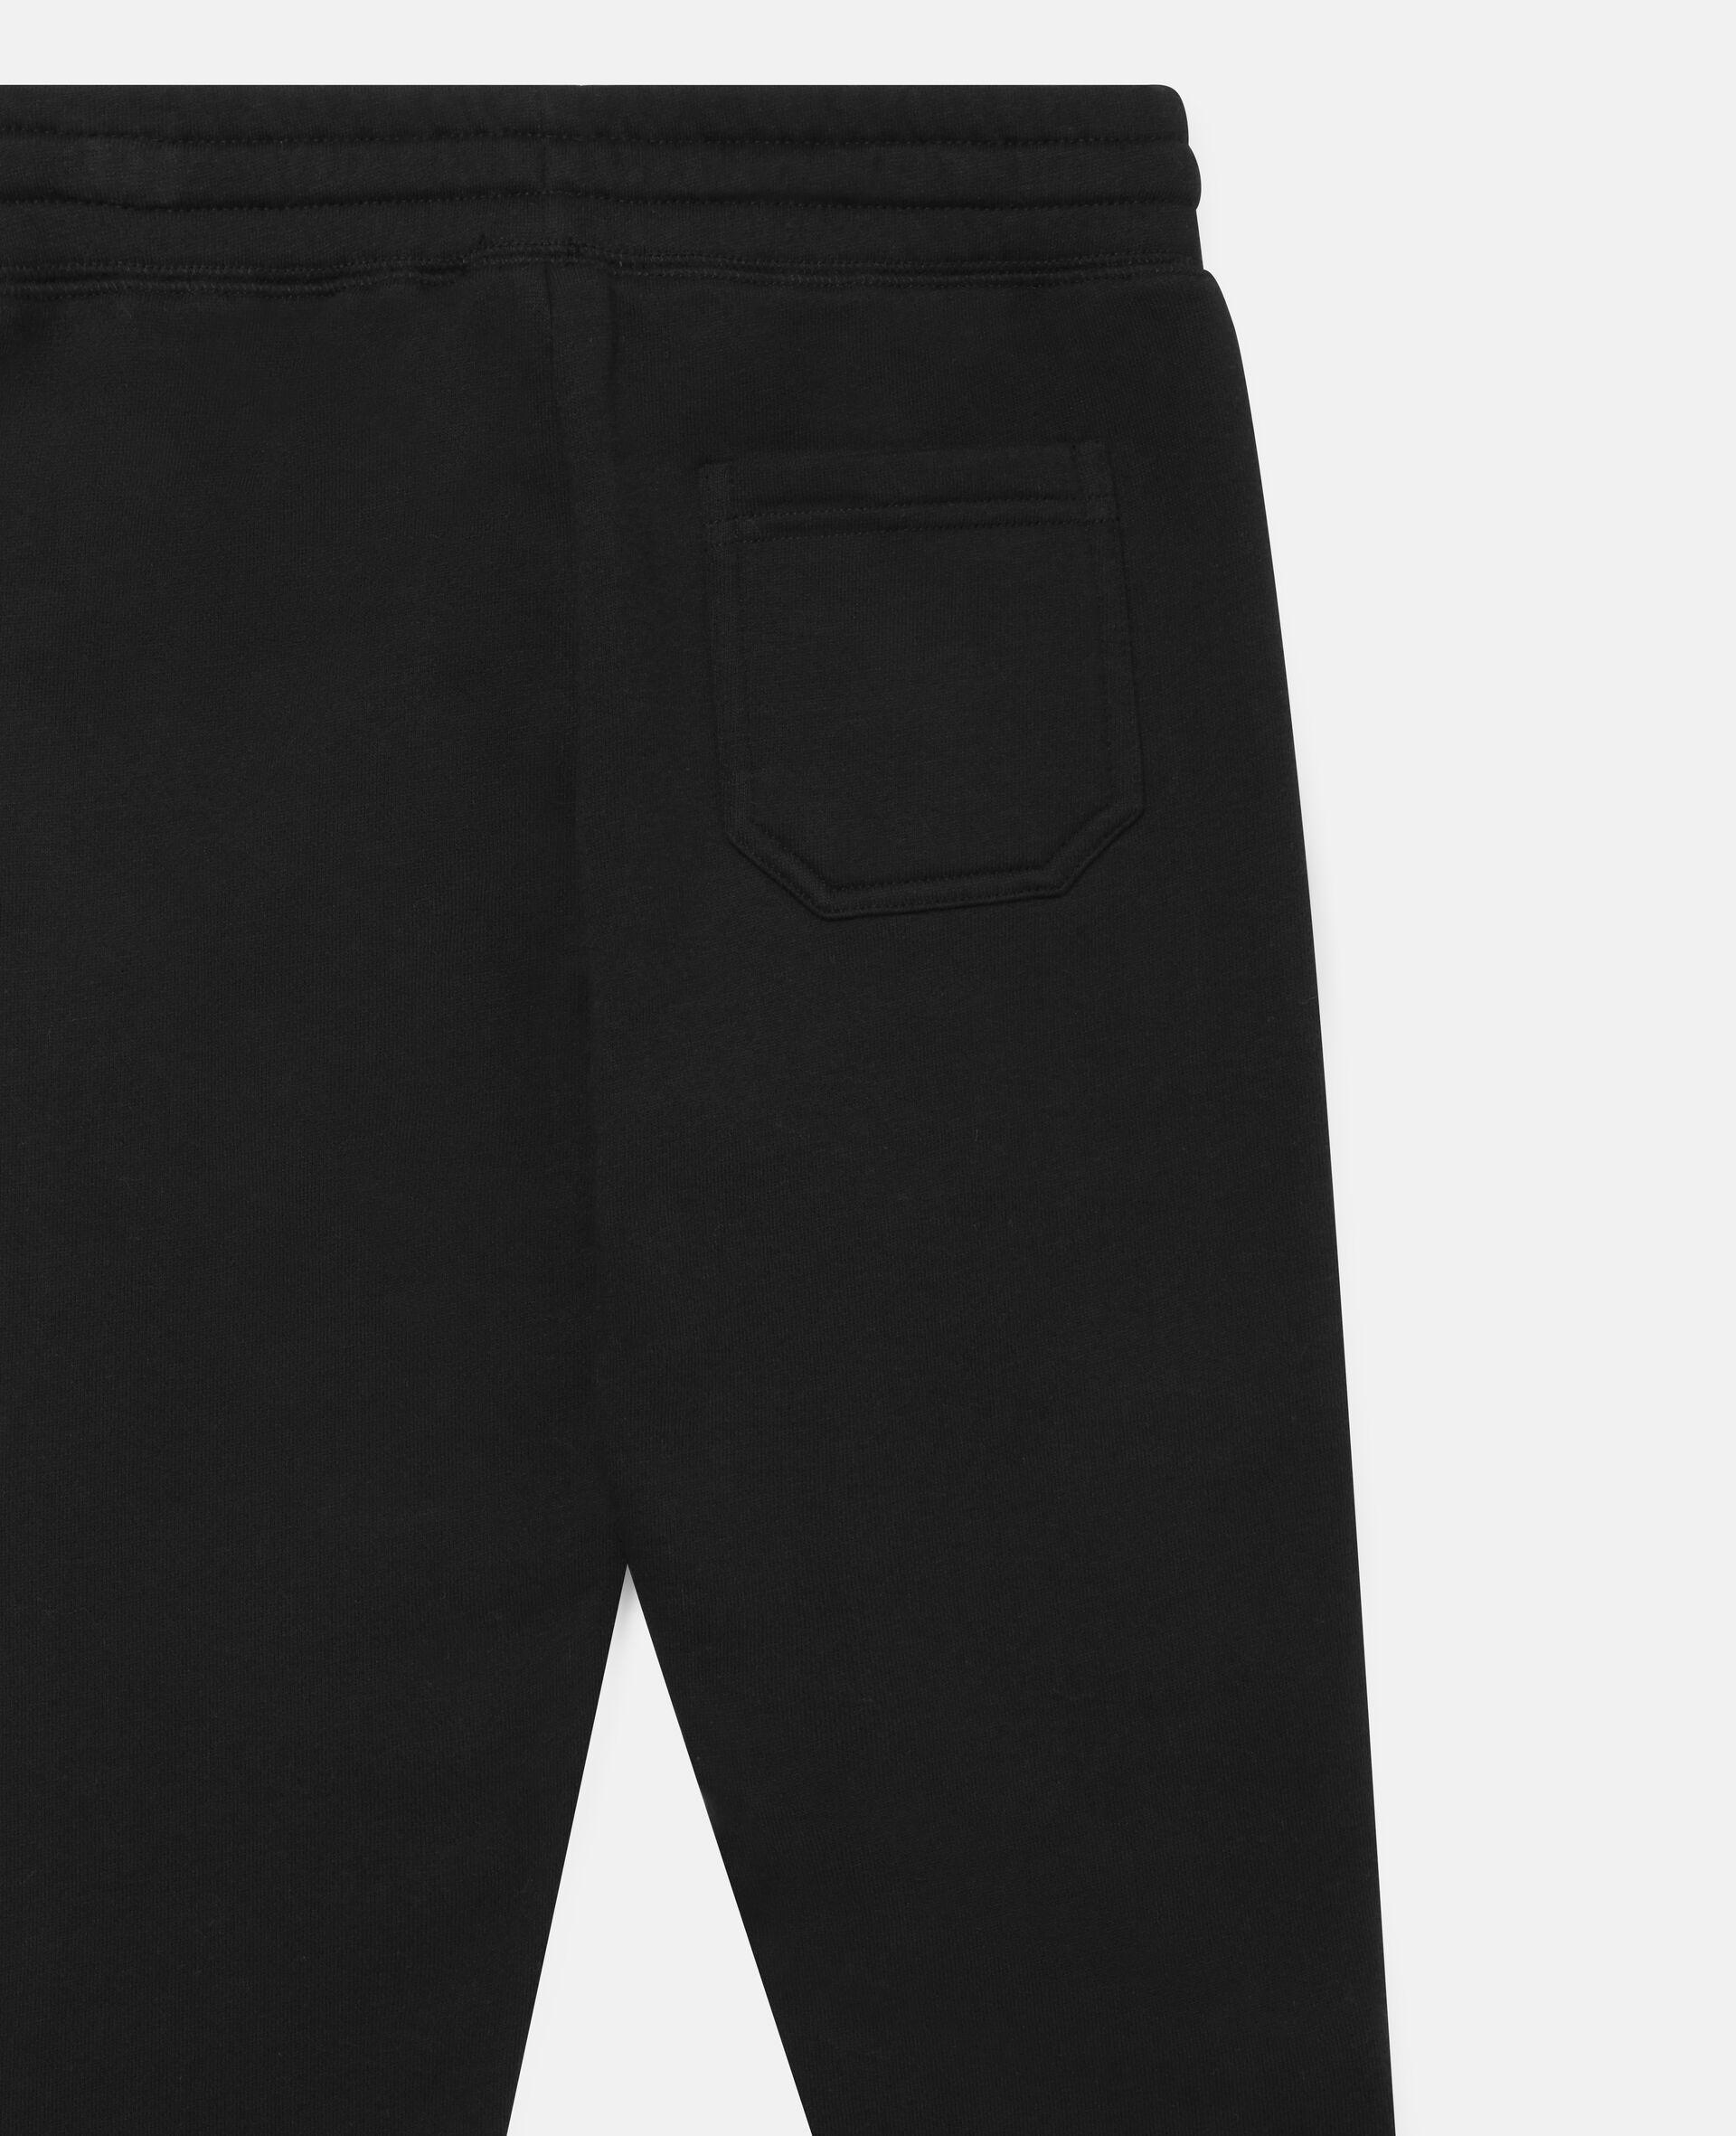 Pantalon de jogging en polaire-Noir-large image number 2